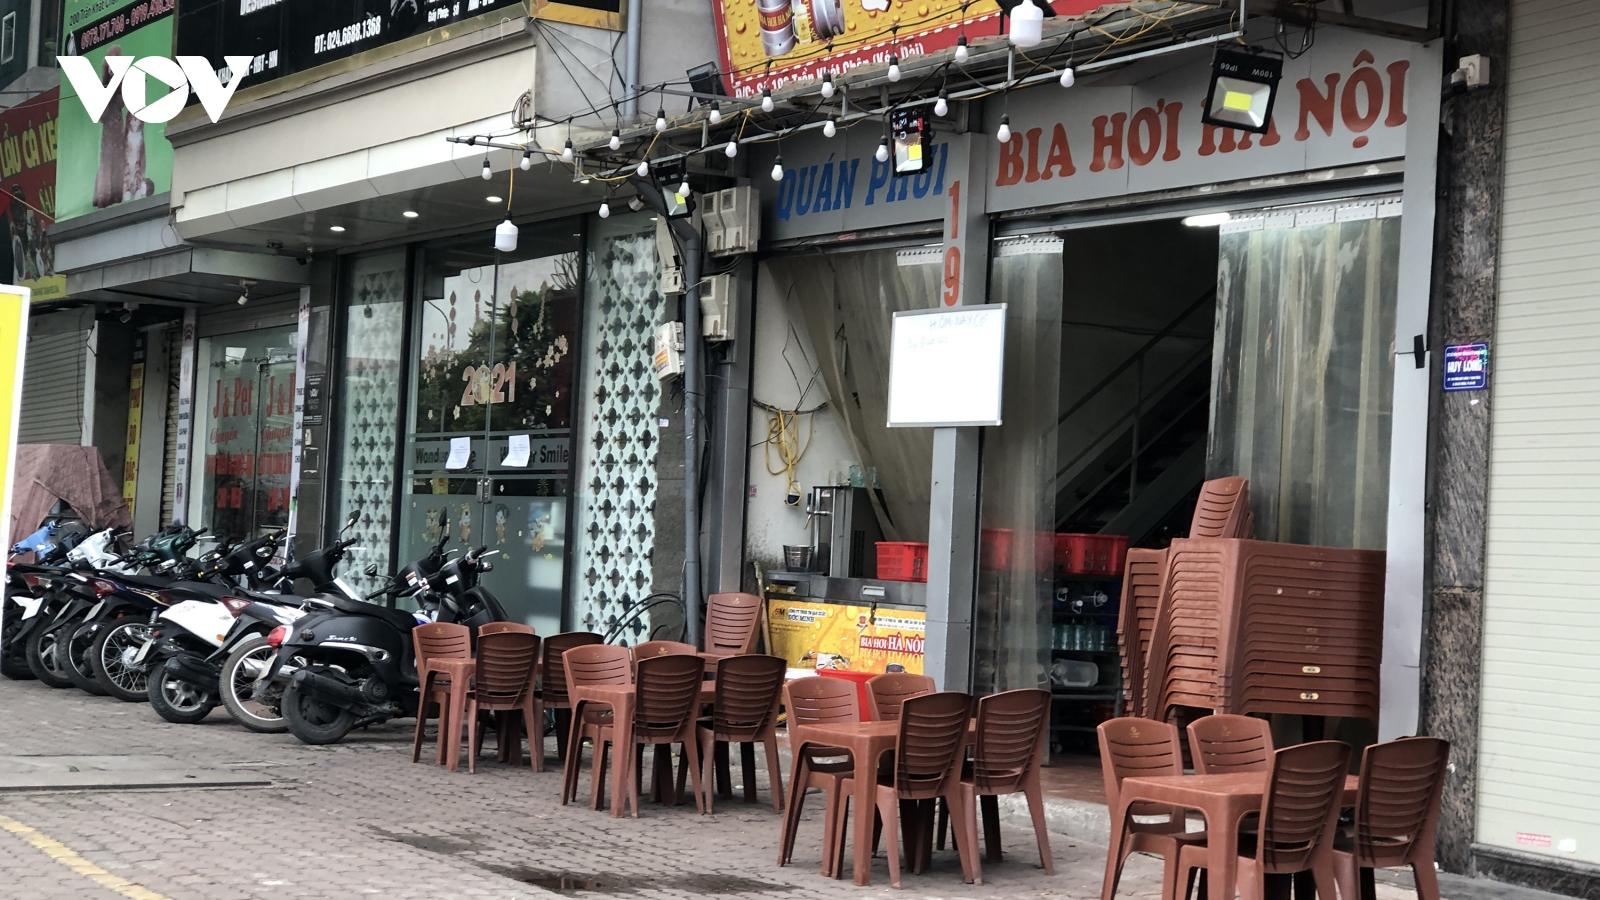 Hàng quán vỉa hè Hà Nội vắng khách khi có lệnh tạm dừng hoạt động